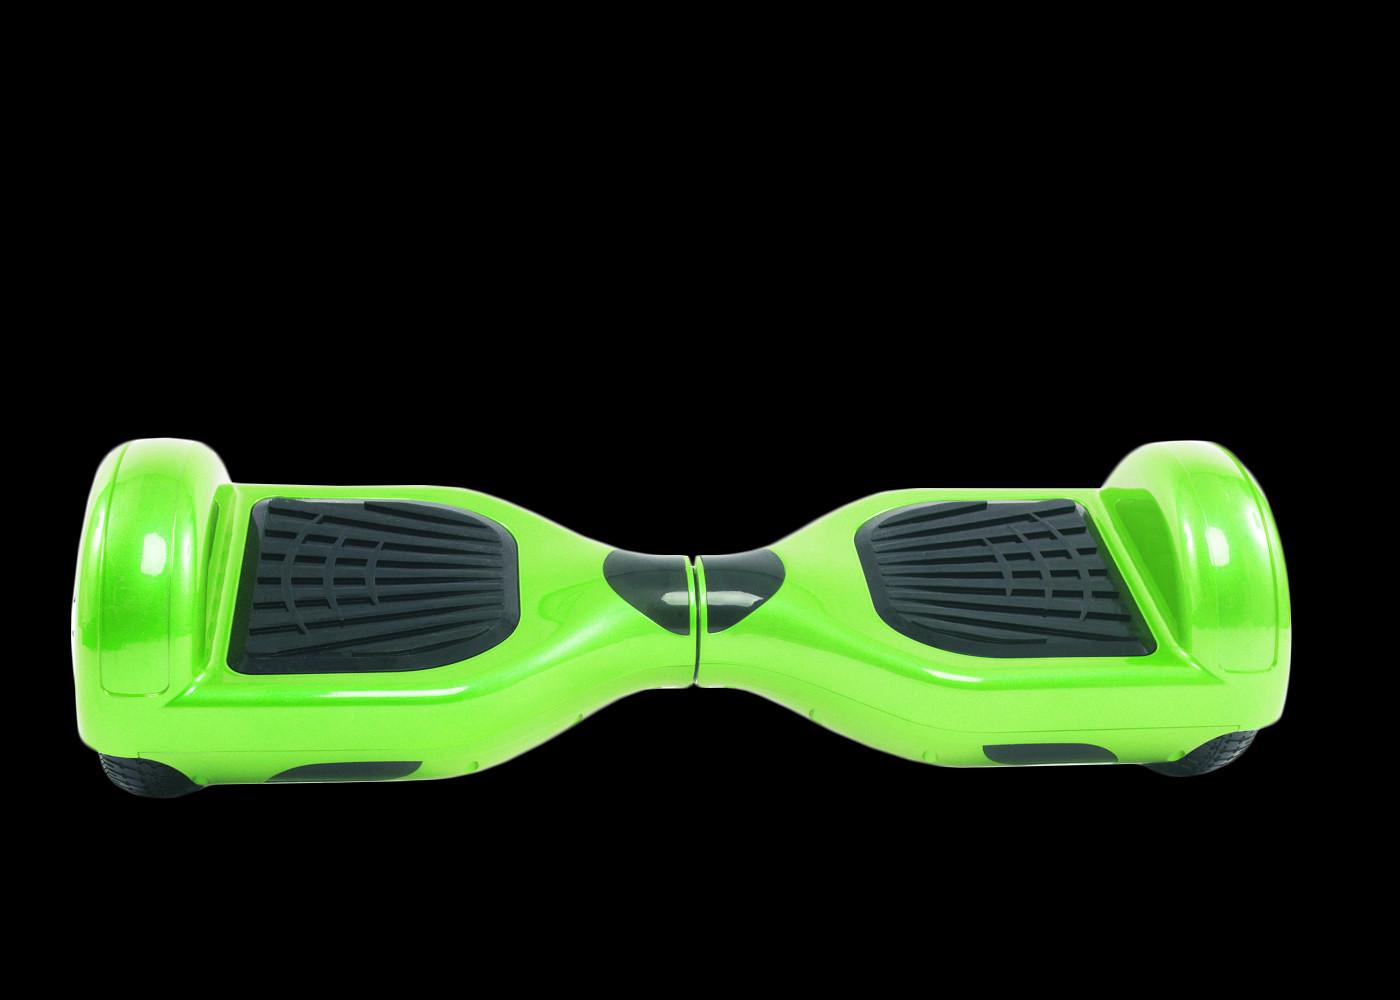 smart balance board standard lime green hover board nation. Black Bedroom Furniture Sets. Home Design Ideas